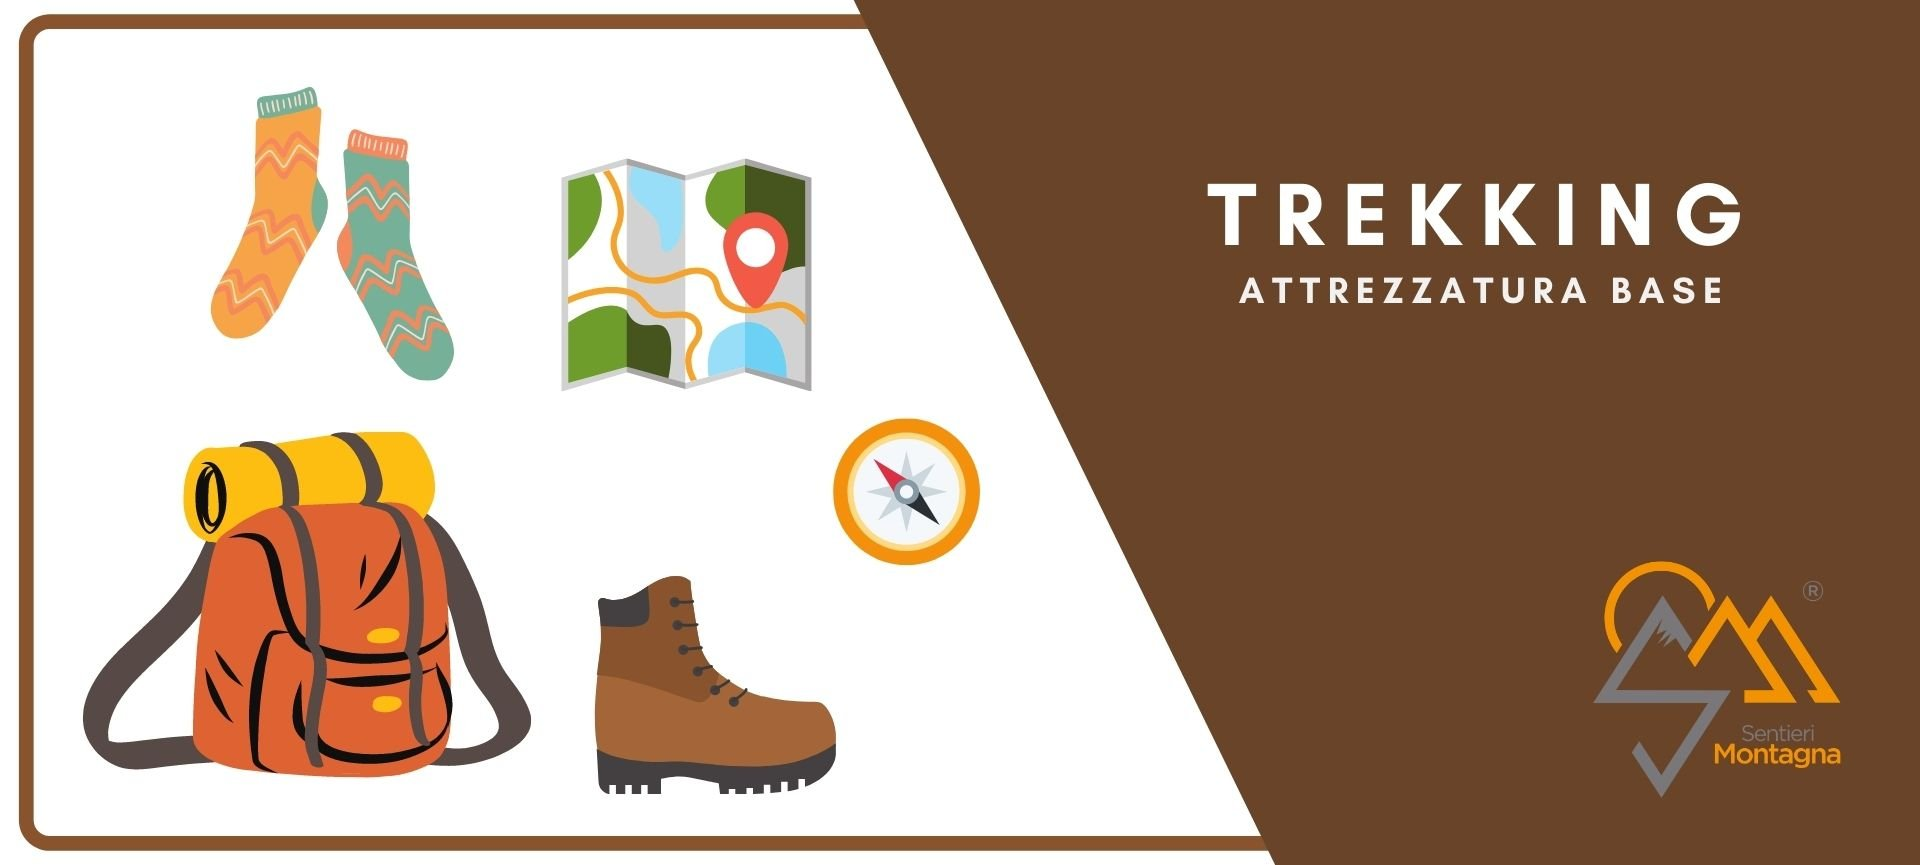 trekking attrezzatura base